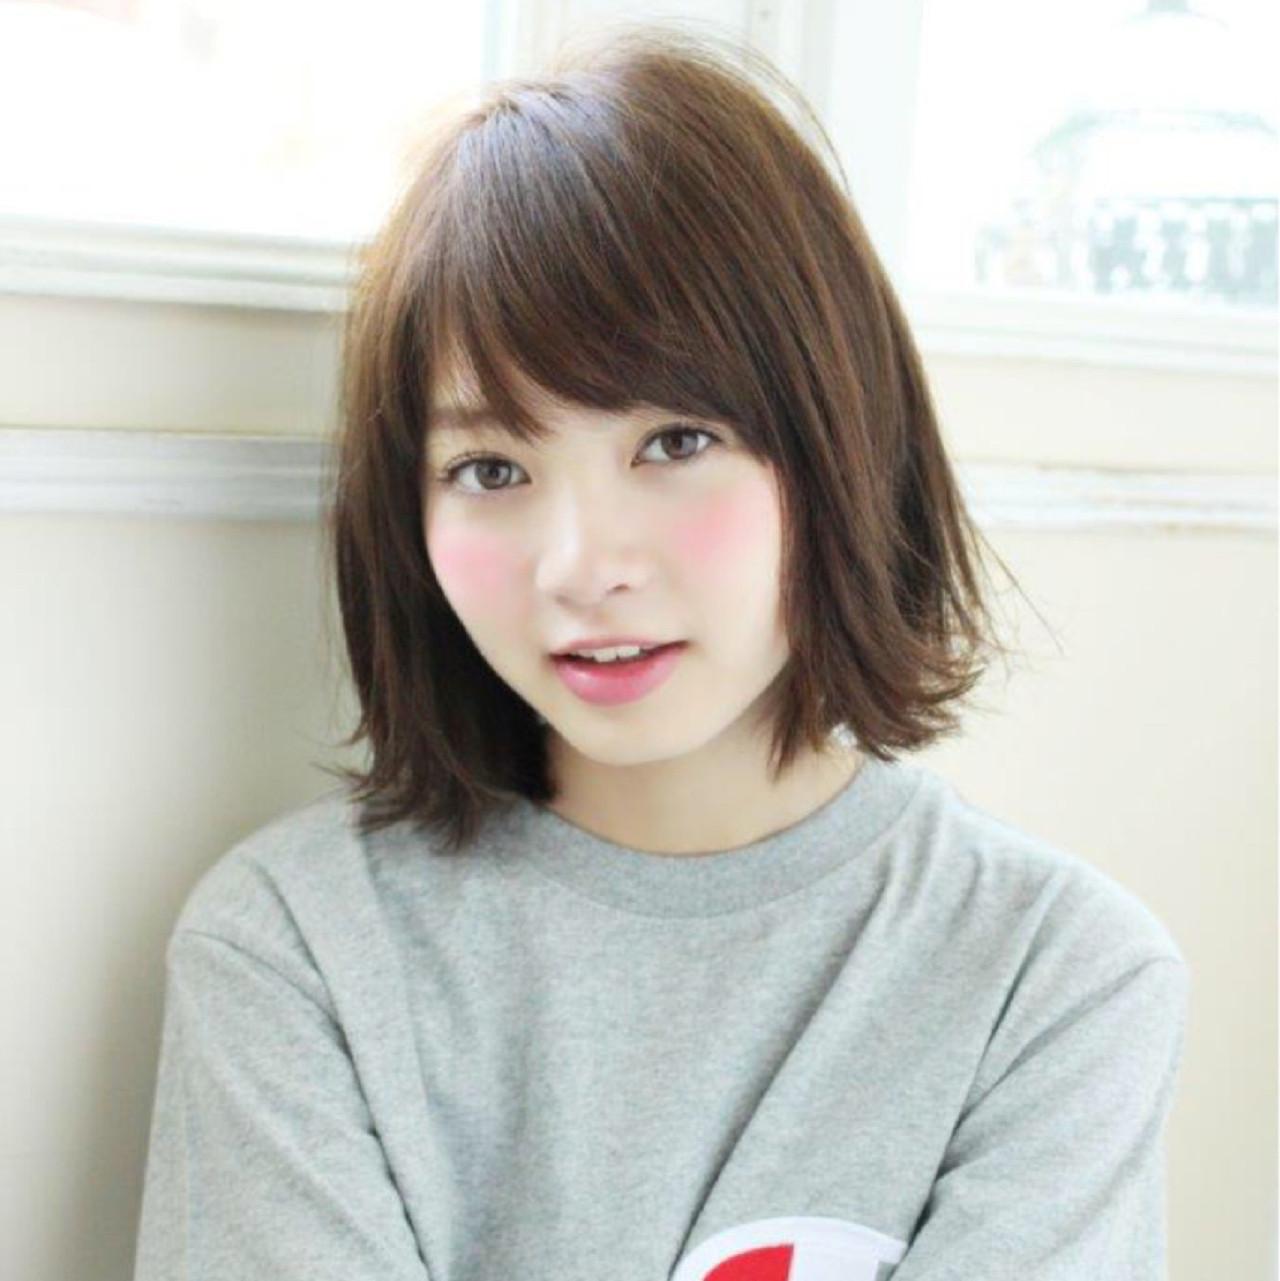 大人かわいい 大人女子 切りっぱなし 色気 ヘアスタイルや髪型の写真・画像   切りっぱなしレイヤー&パーマ Un ami 増永 / Un ami omotesando